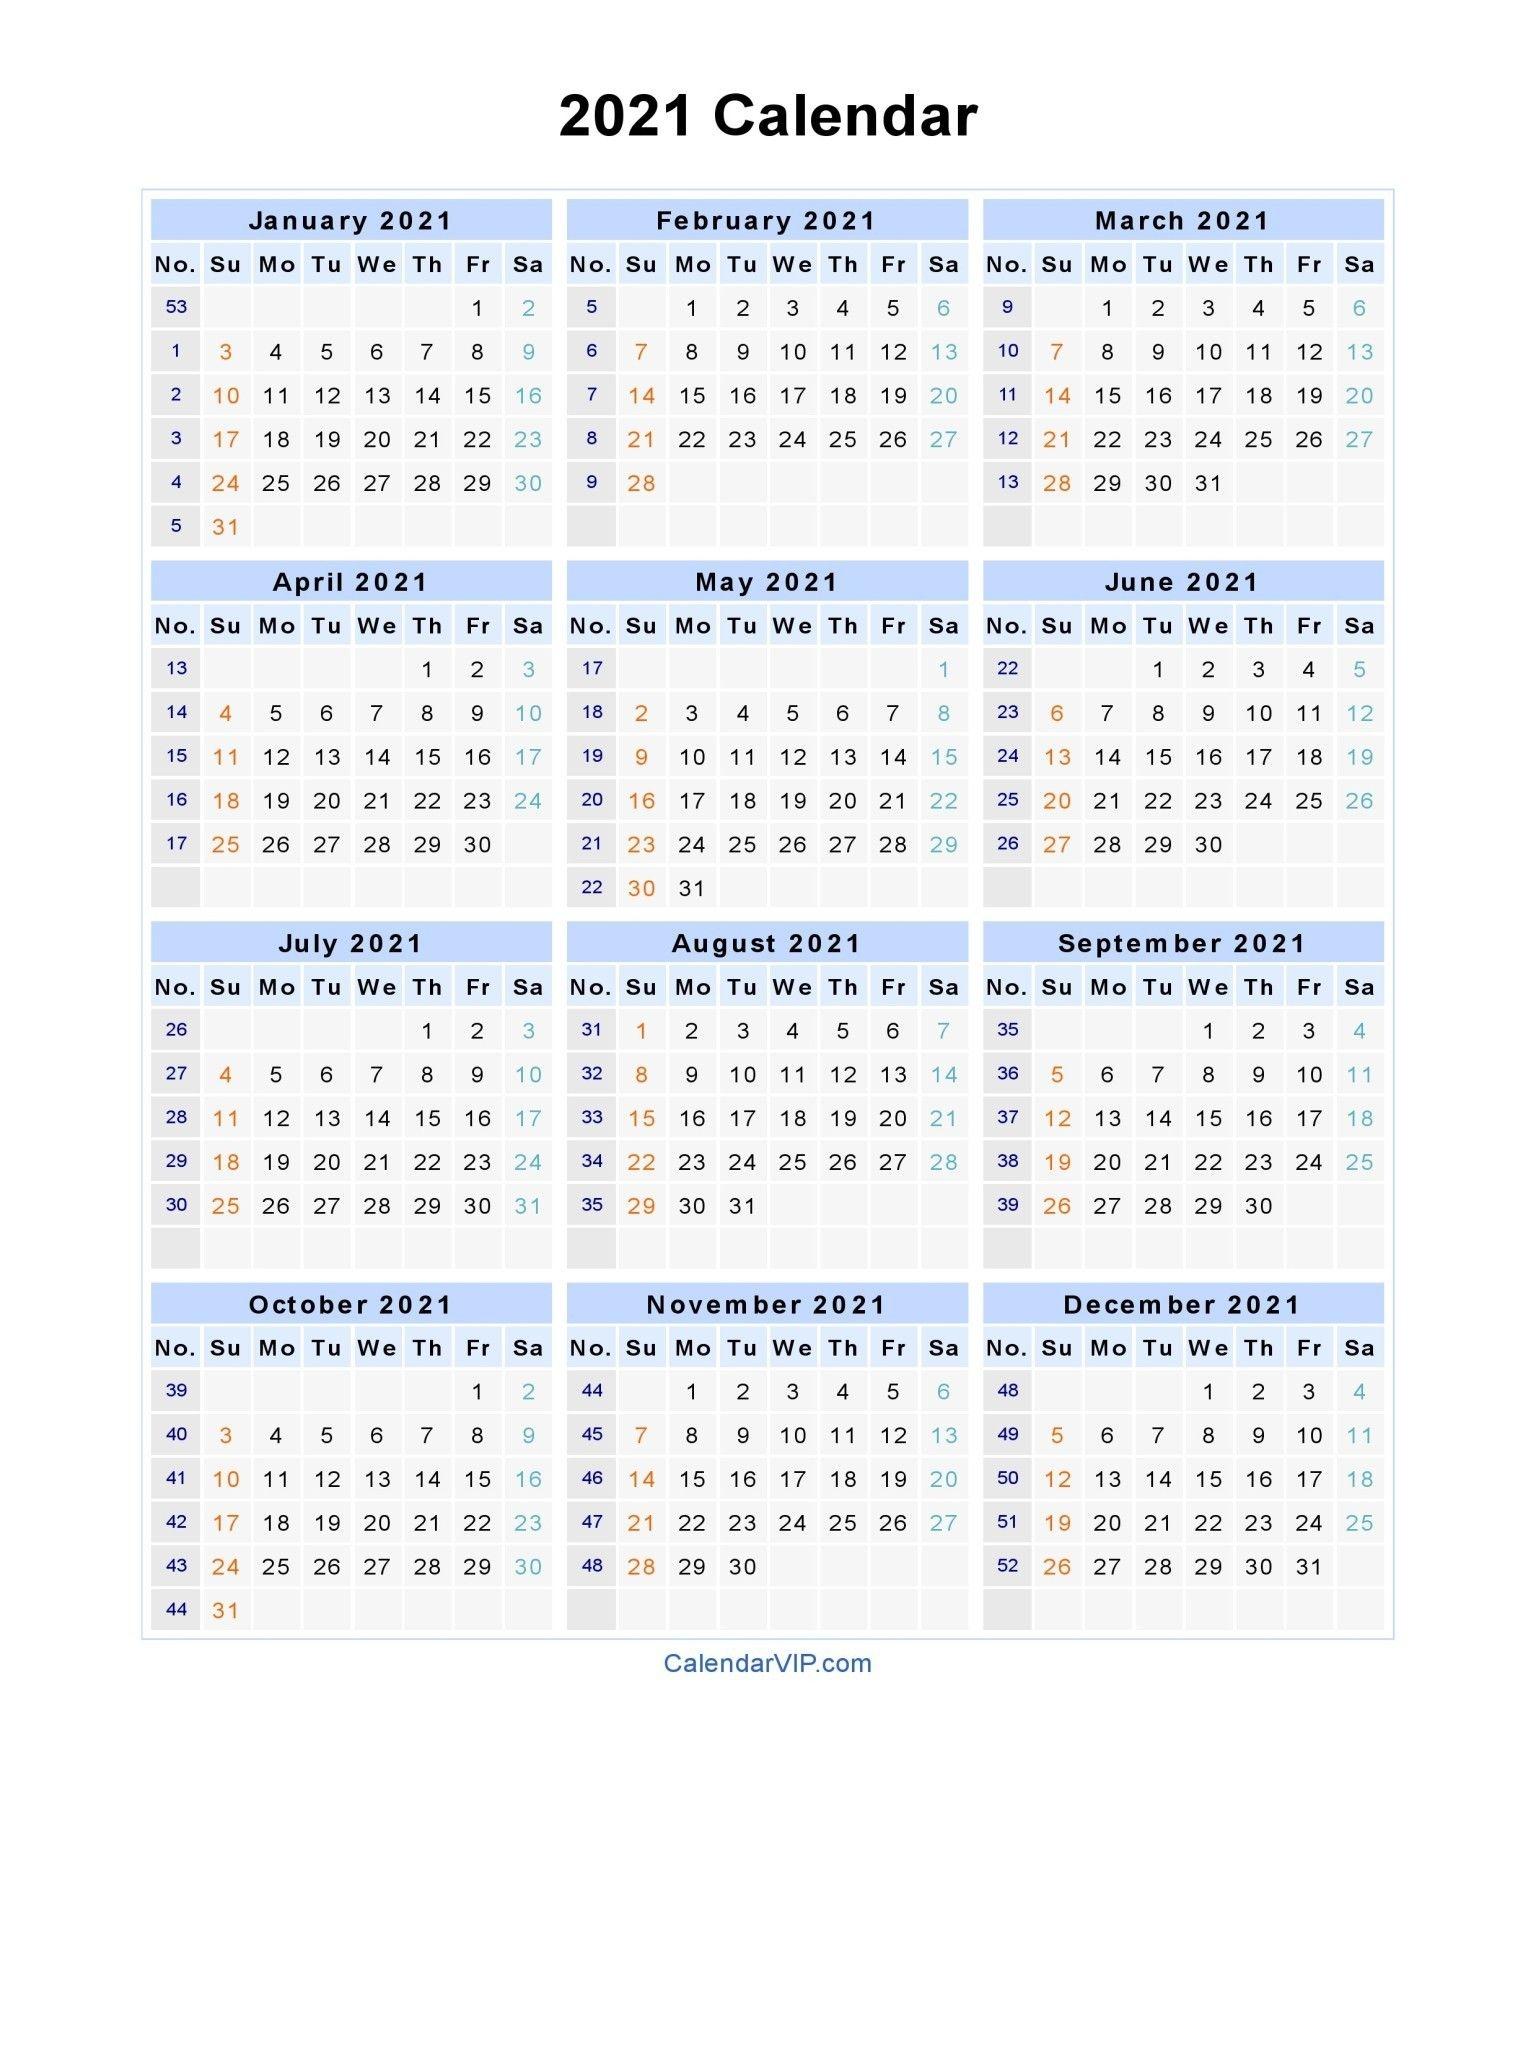 2021 Calendar With Week Numbers Excel Full   Free Printable